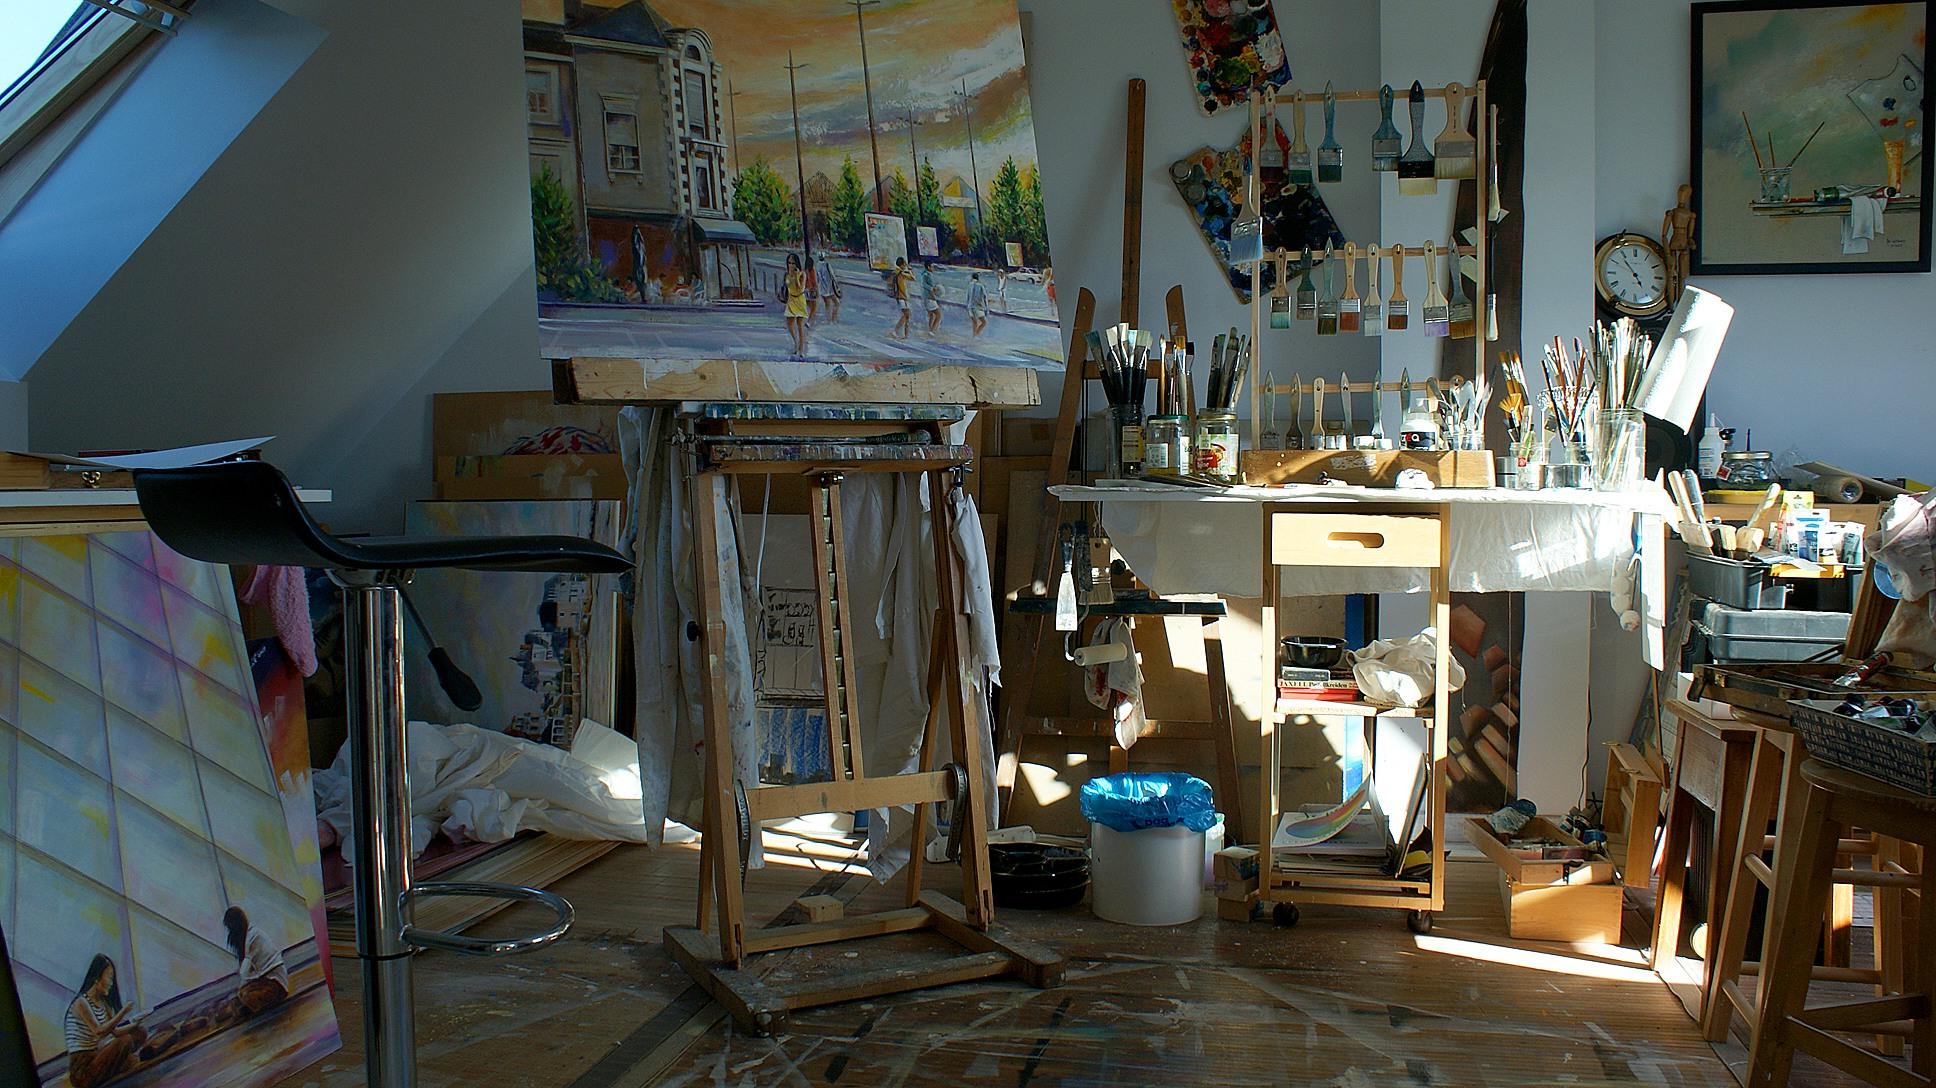 Atelier-03-2020